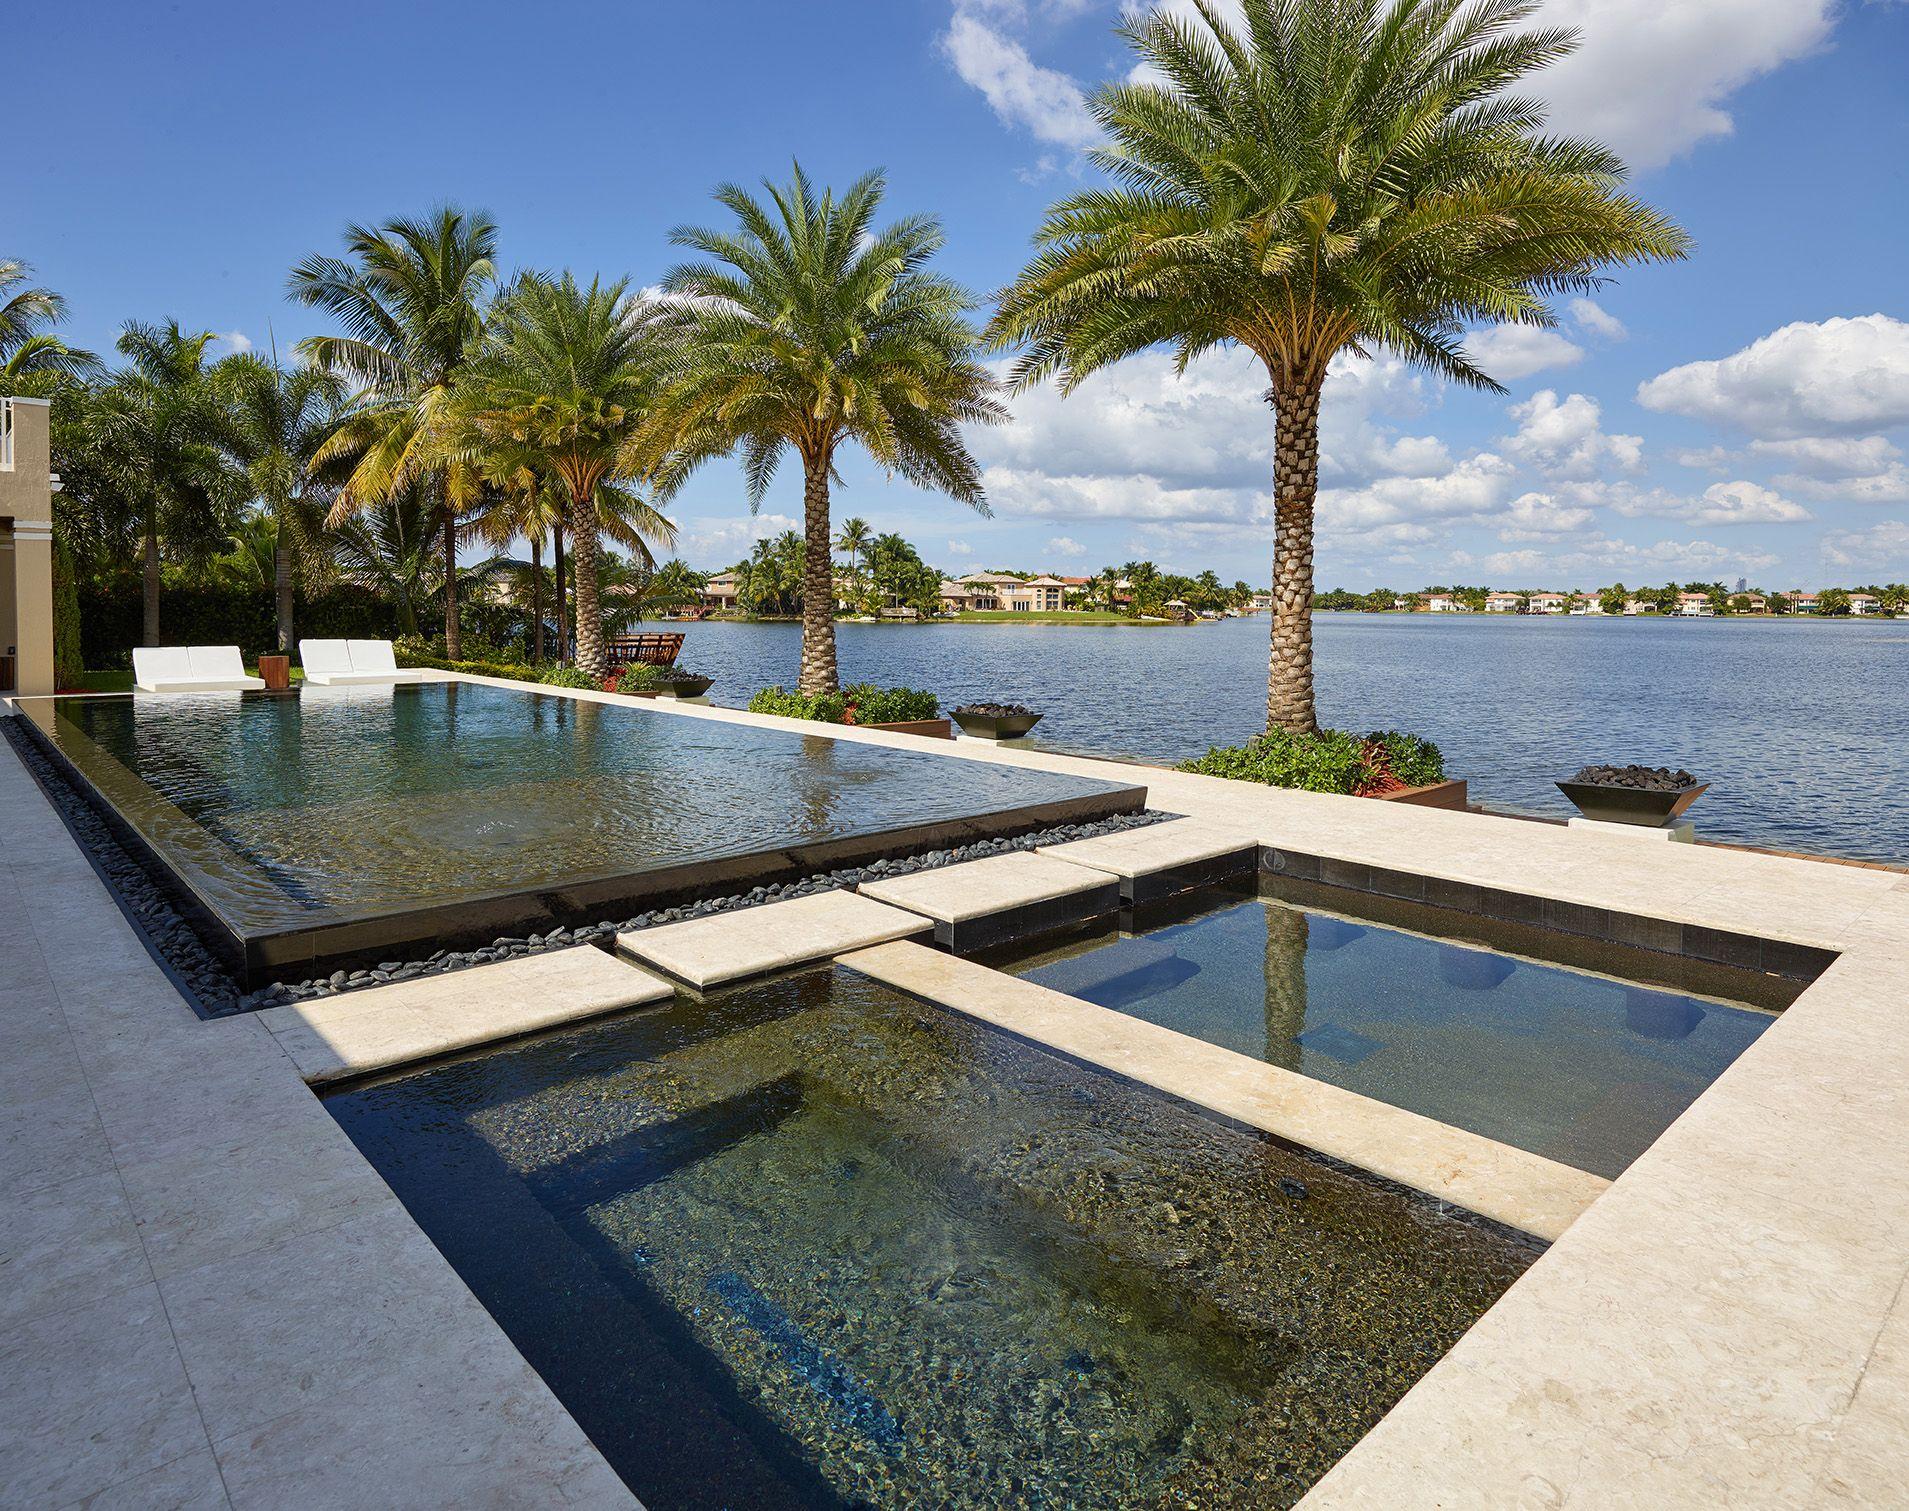 Doral Residence - Pepe Calderin Design